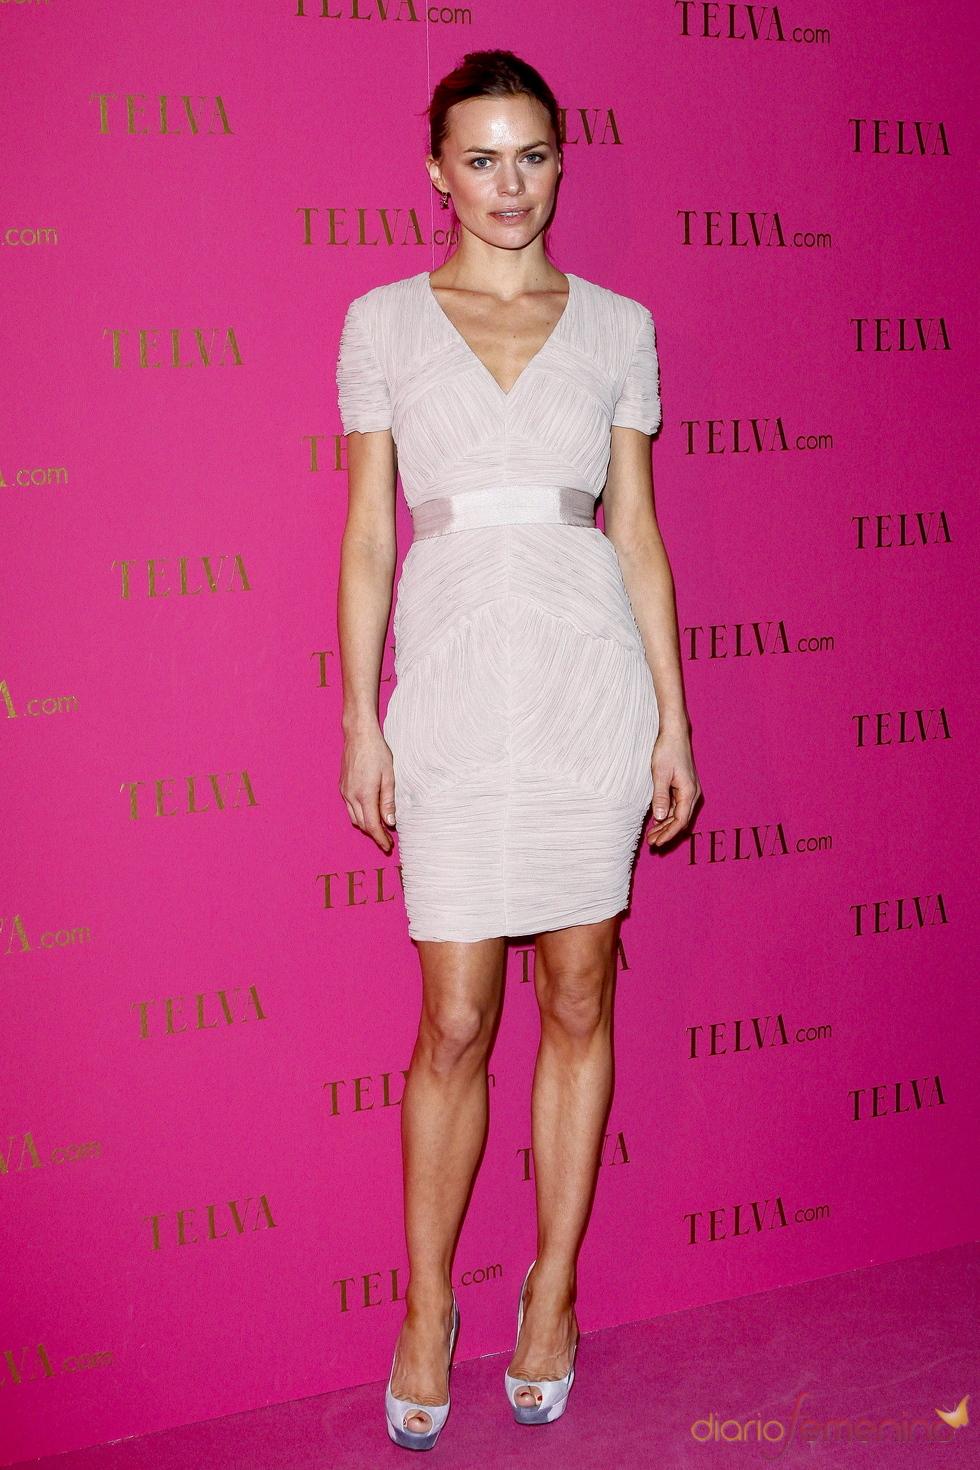 Verónica Blume en los premios Telva Belleza 2011